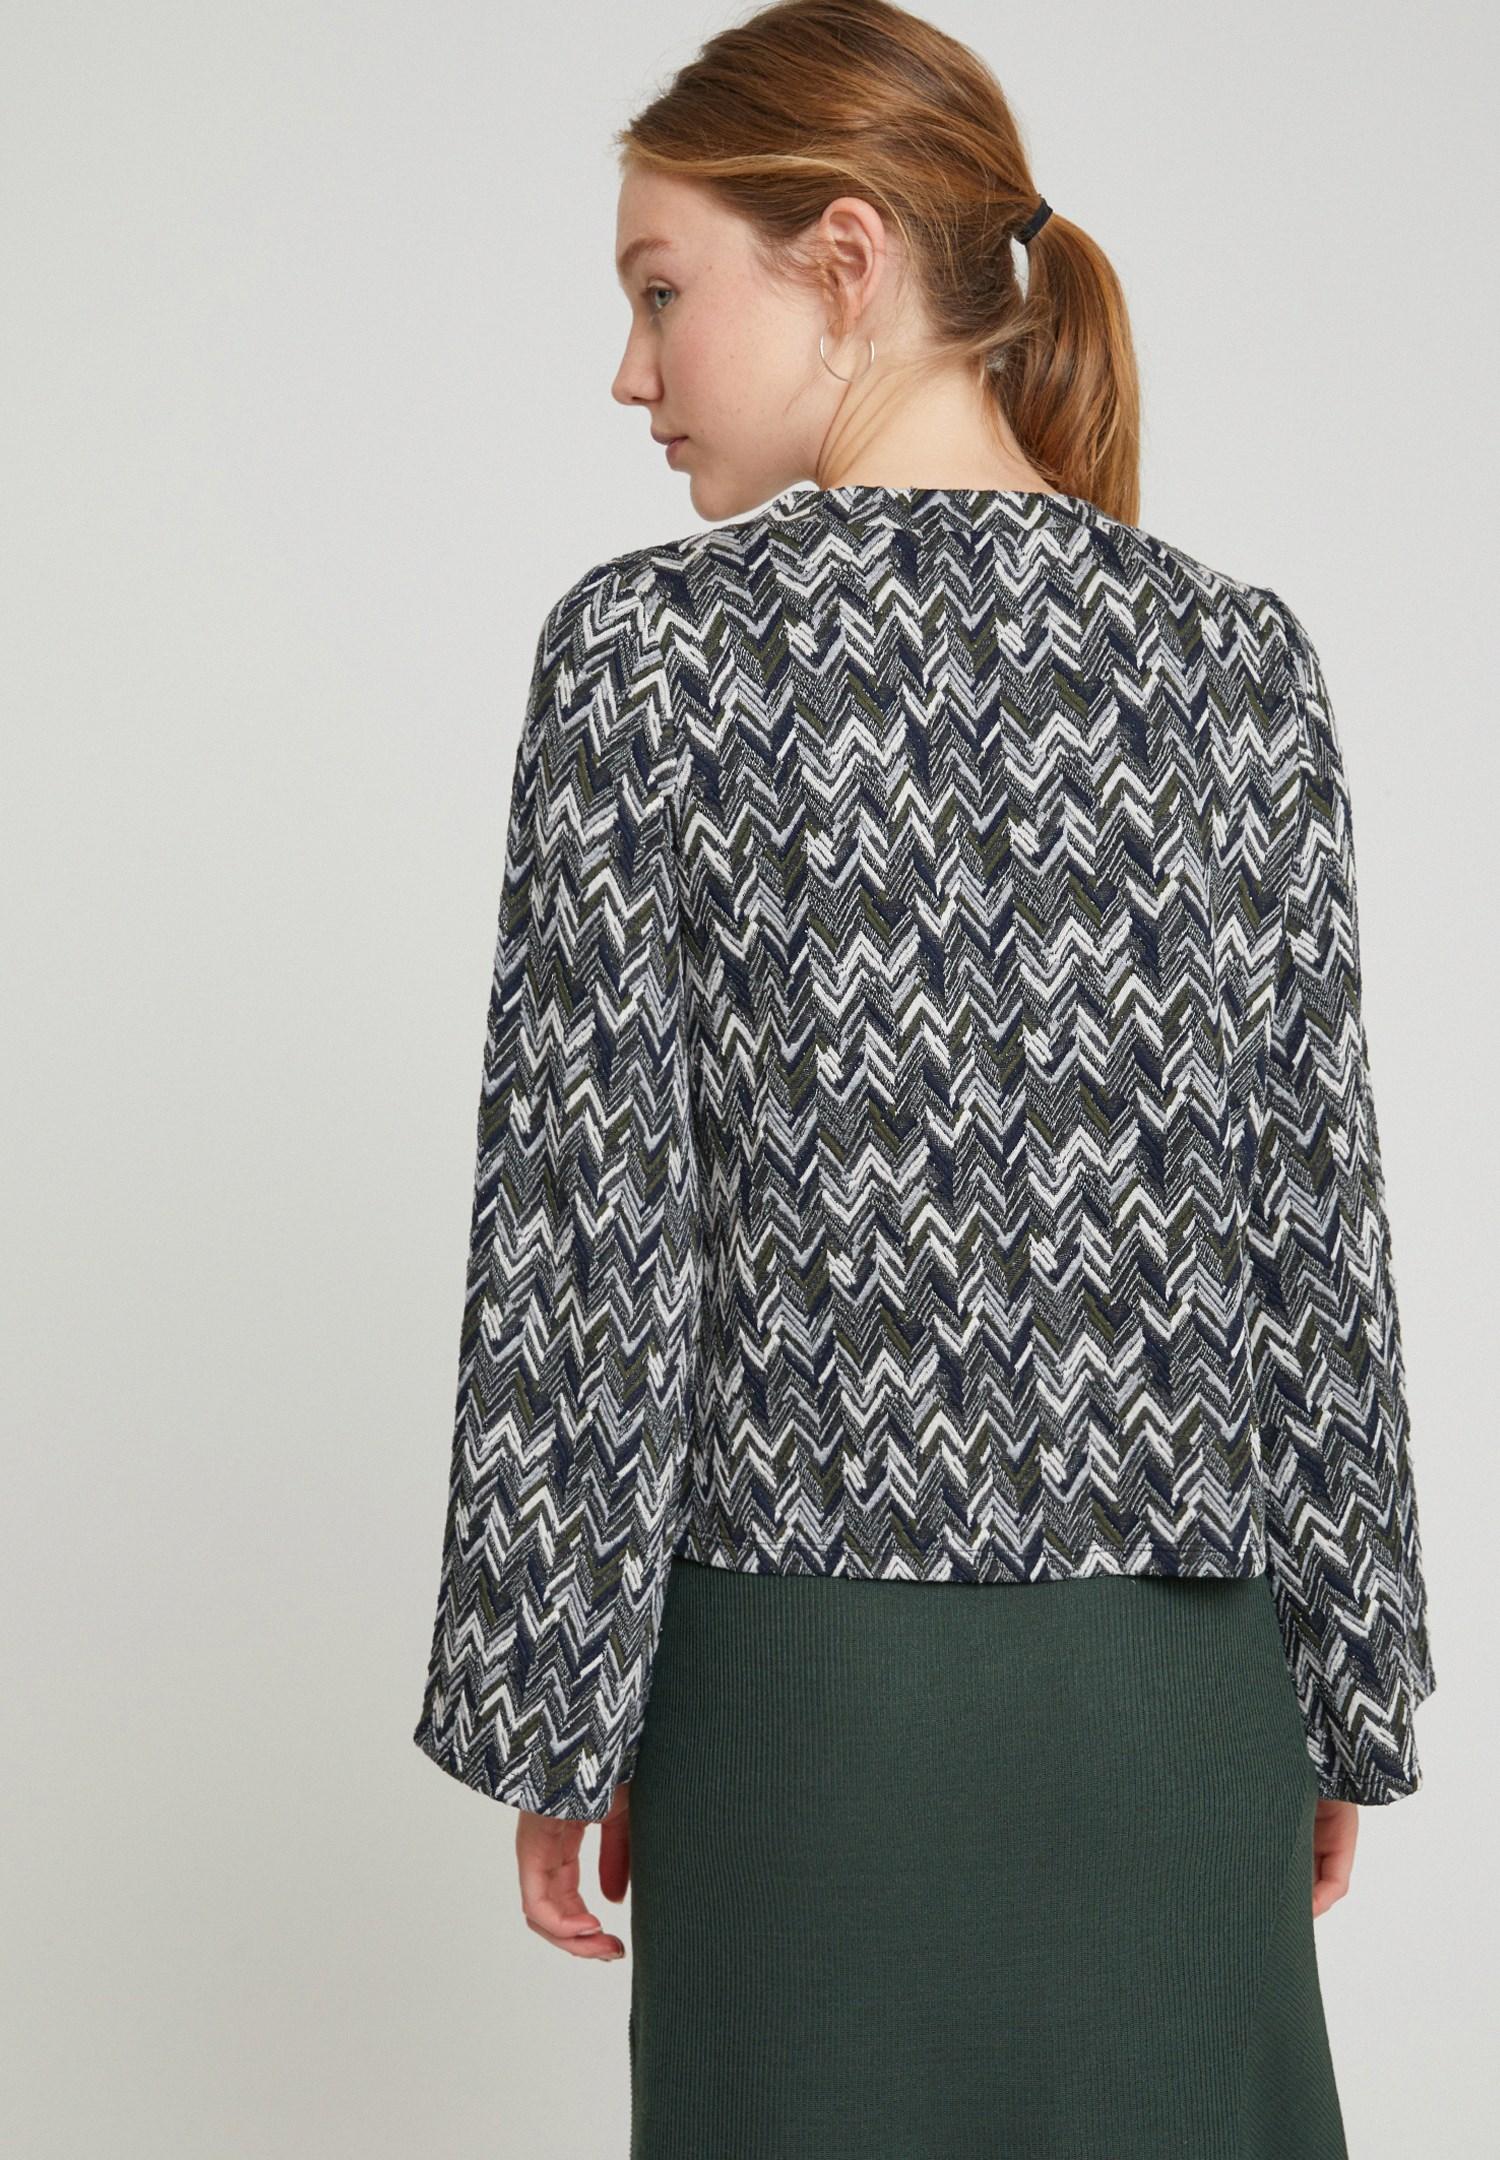 Bayan Çok Renkli Karışık Desenli Sweatshirt